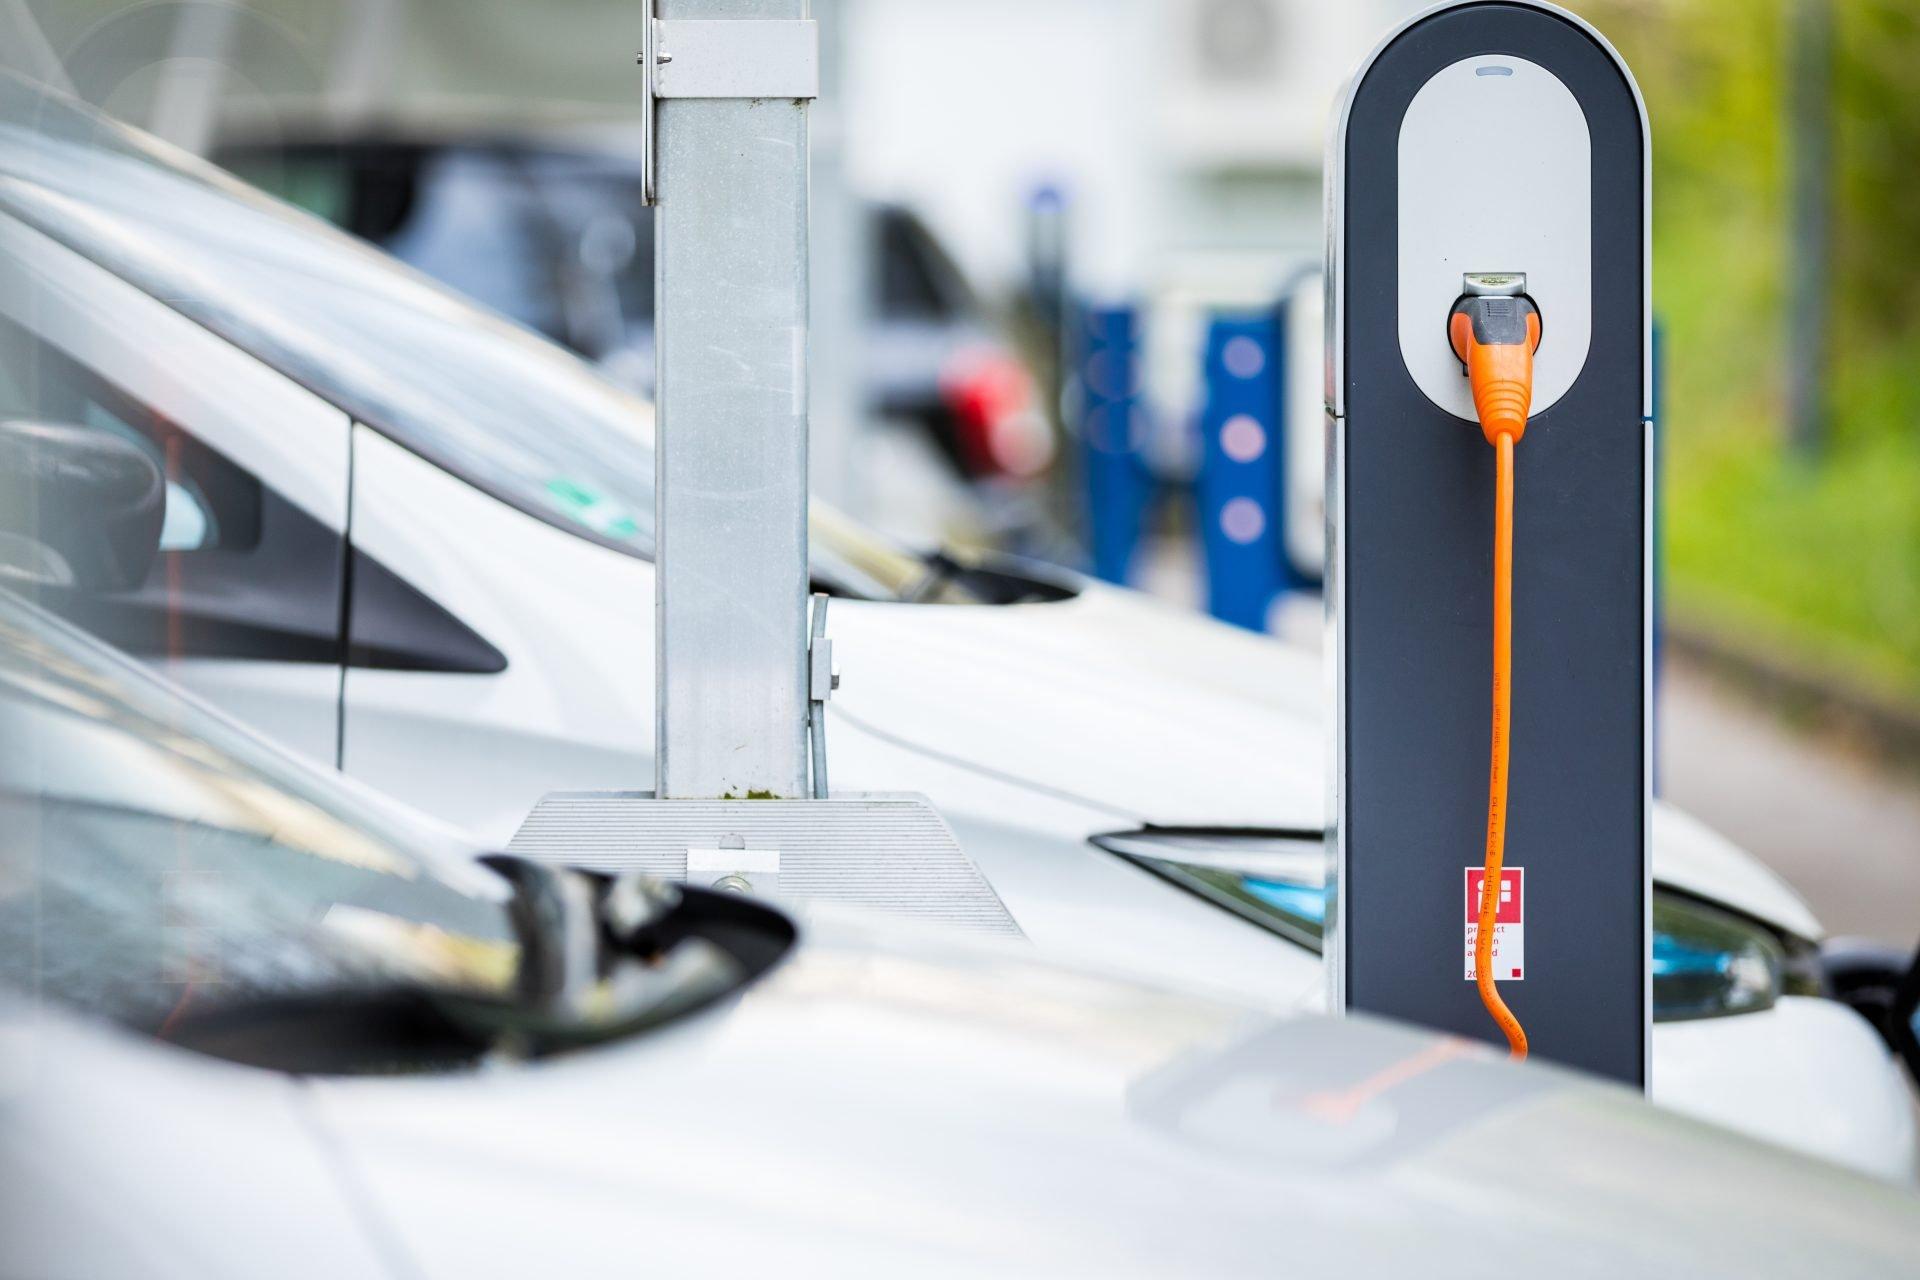 Charging Ladepunkt E-Mobilität Laden